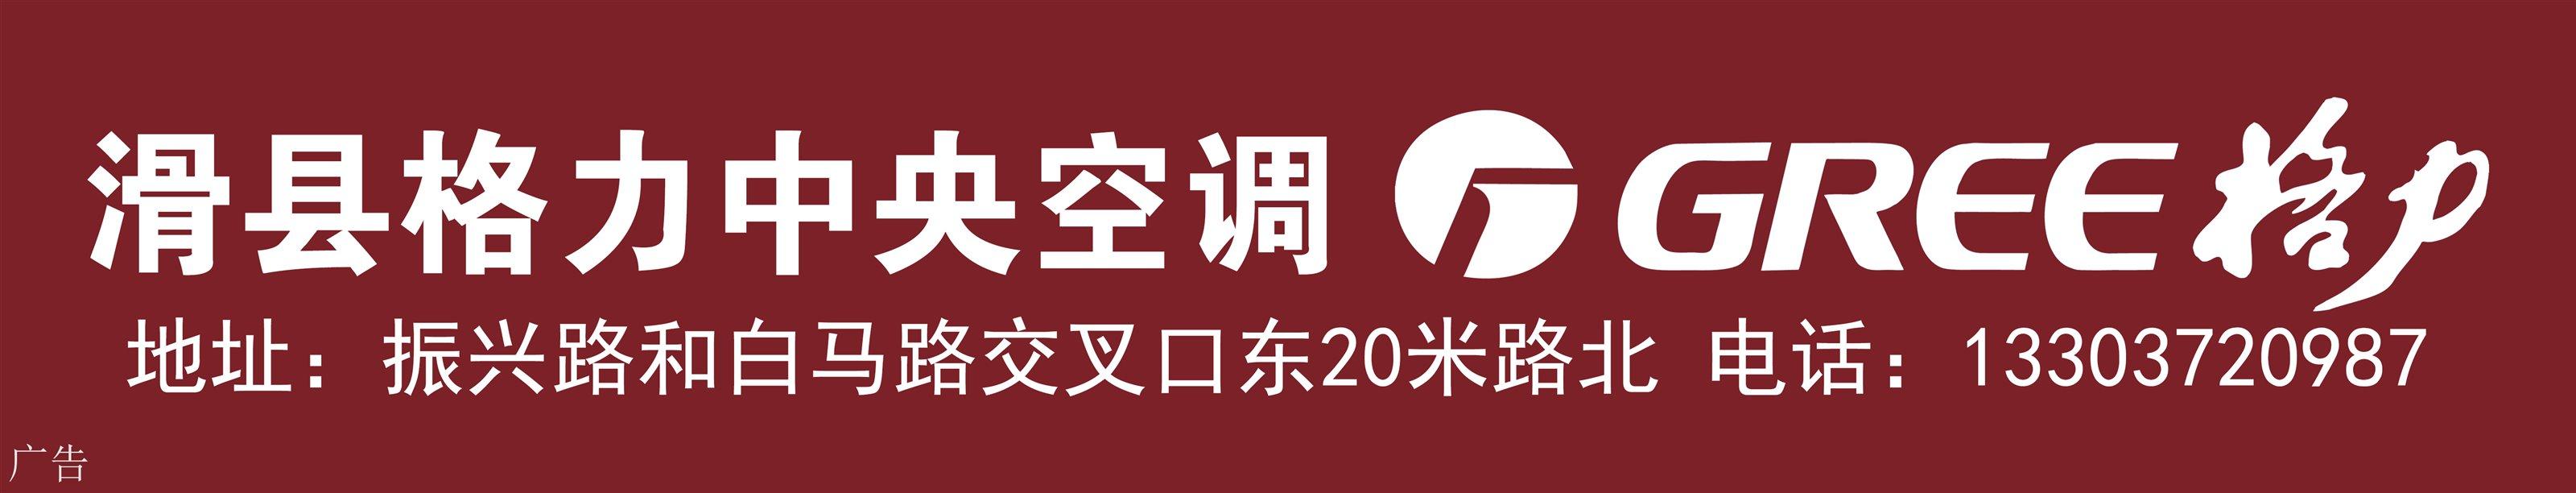 河南潤鑫暖通銷售有限公司